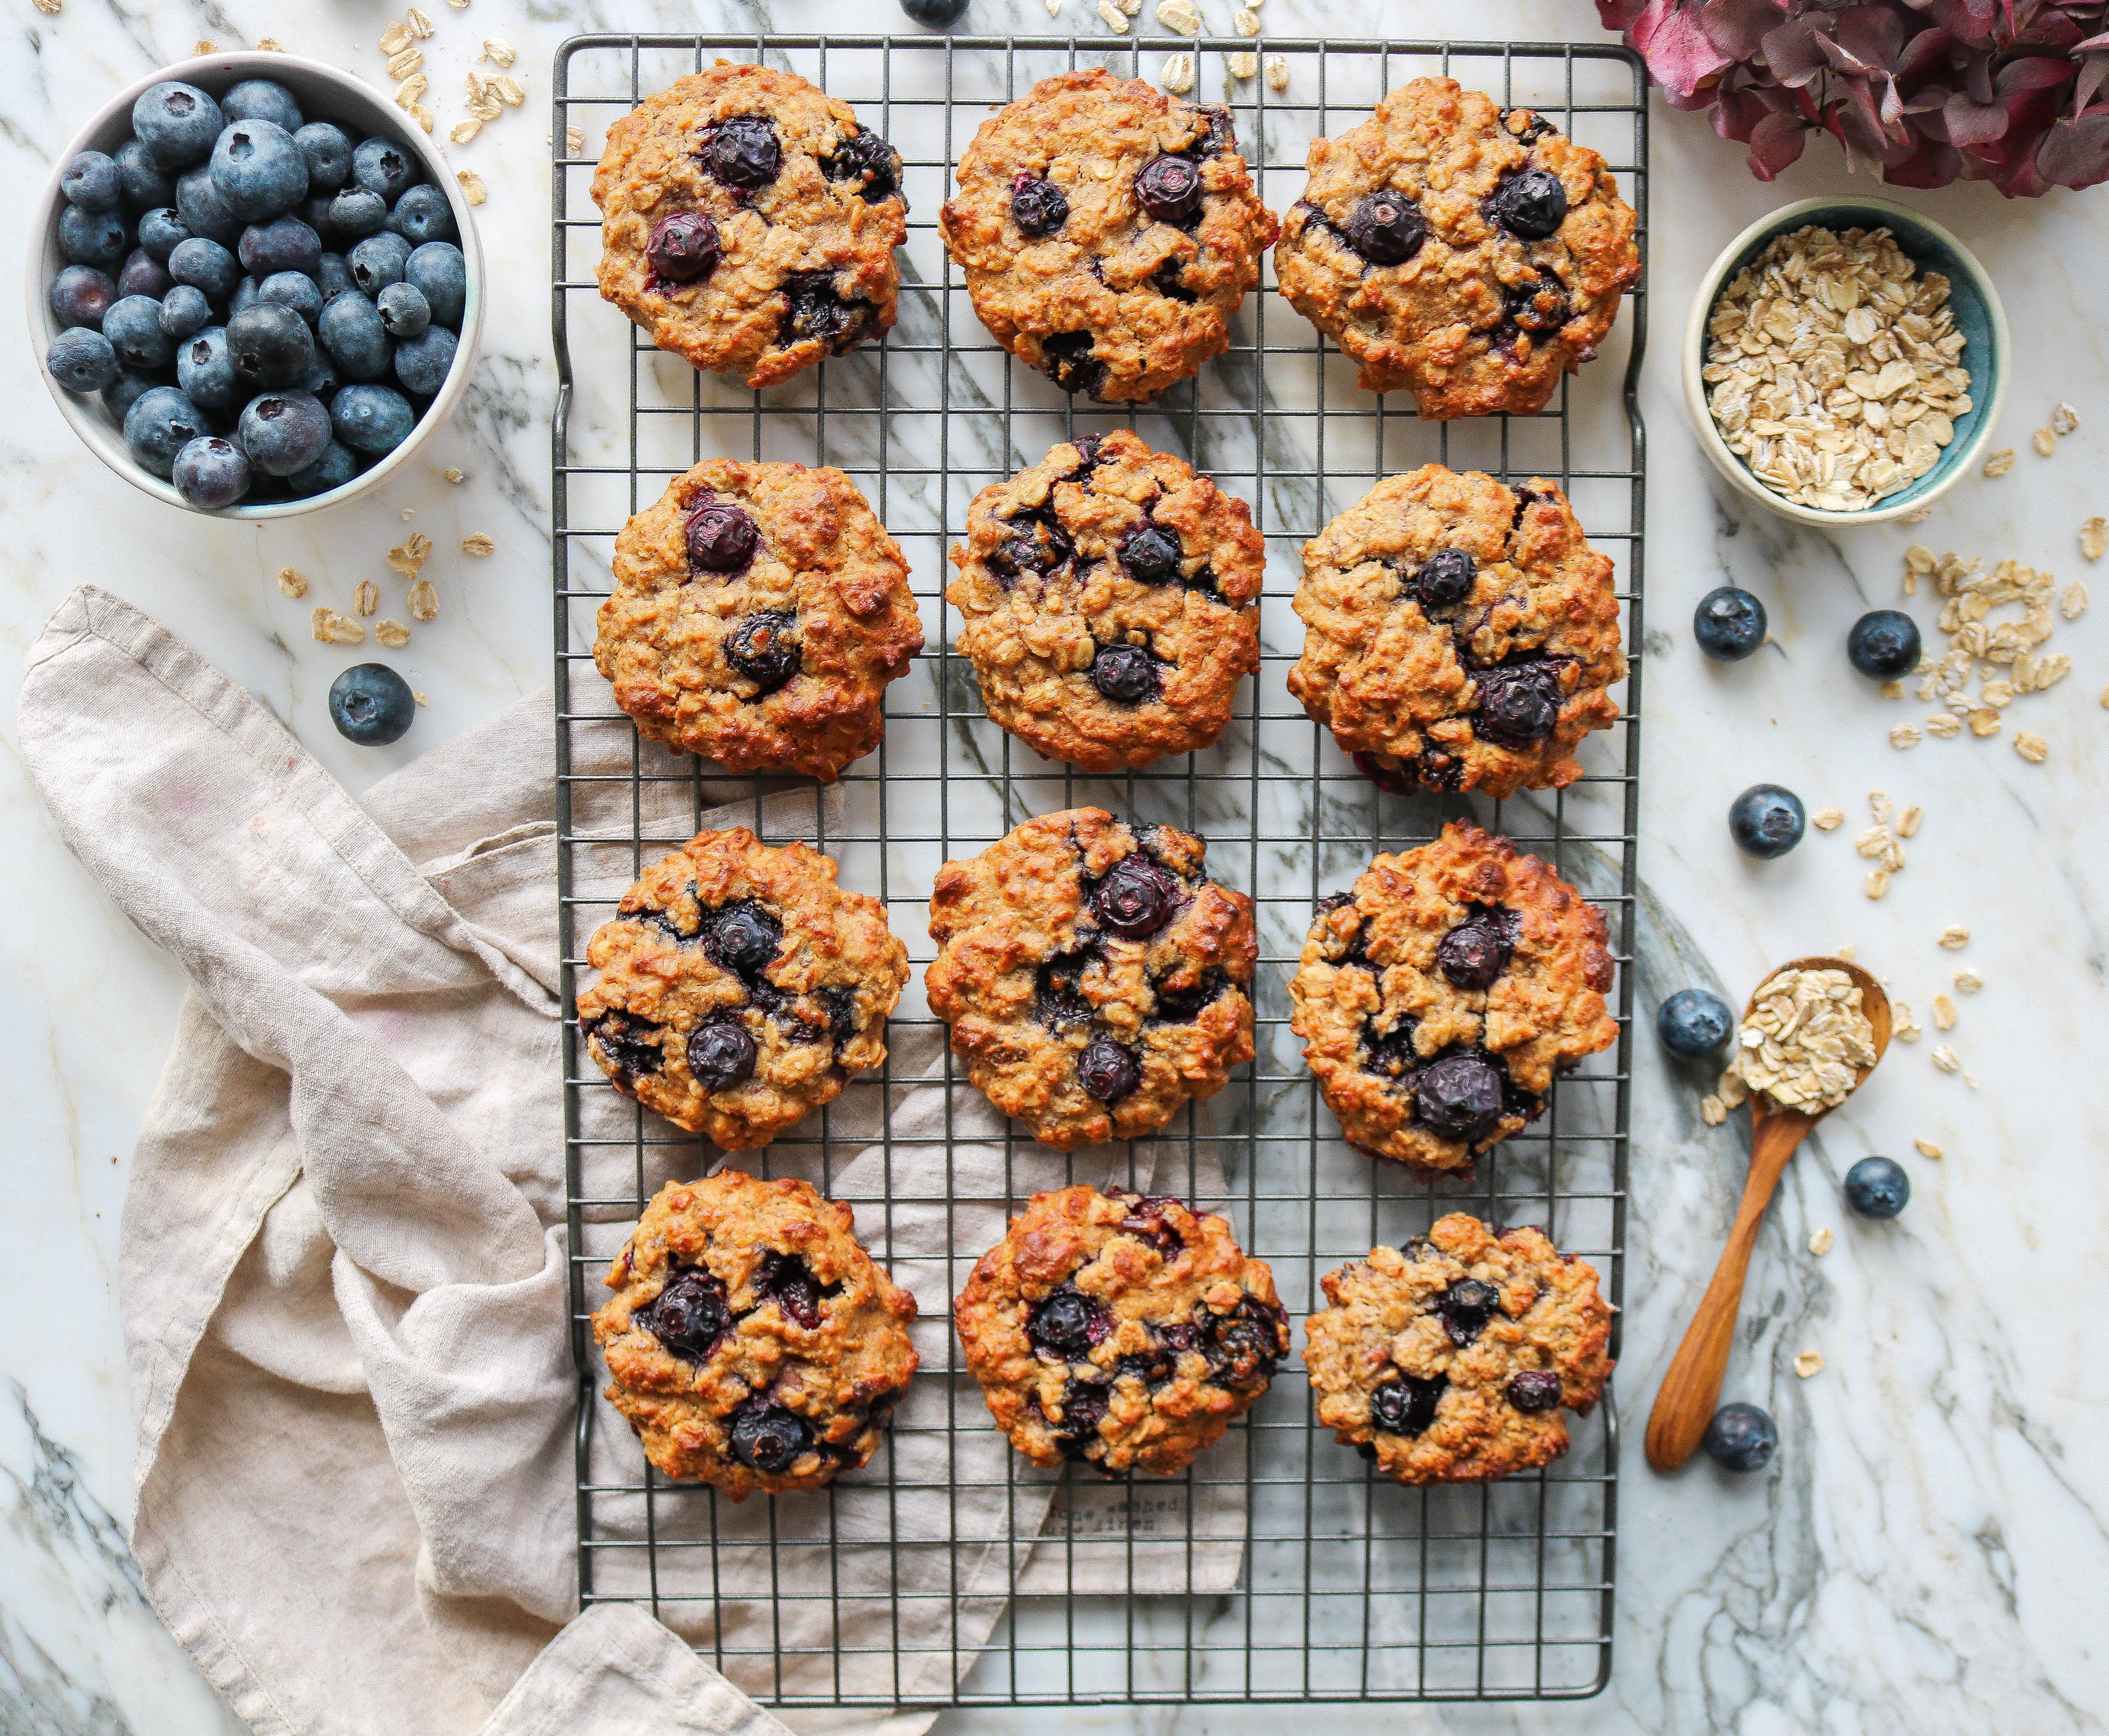 Blueberry & Hazelnut Oat Cookies